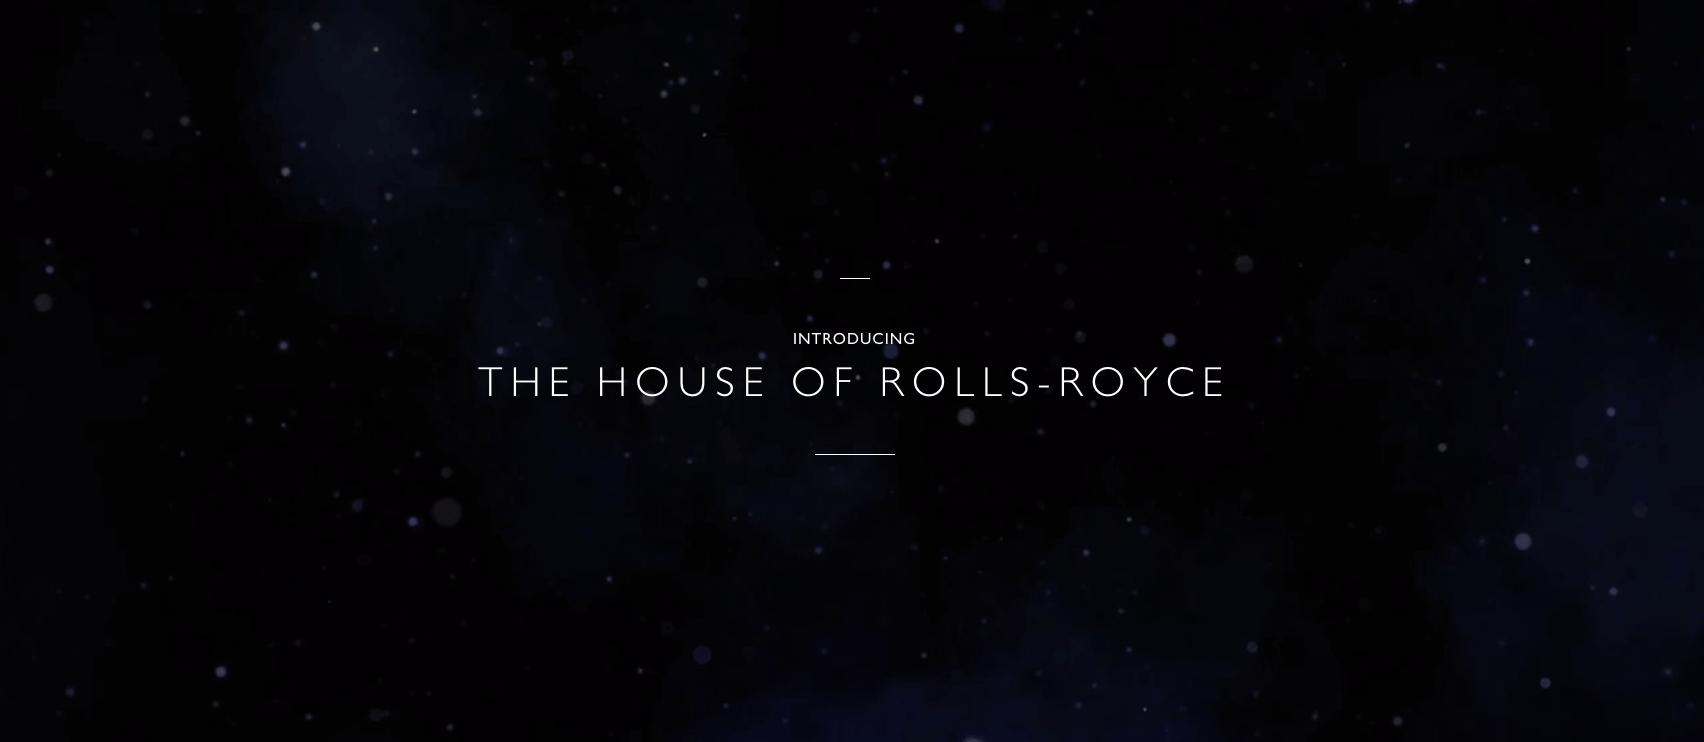 Rolls Royce black background website homepage